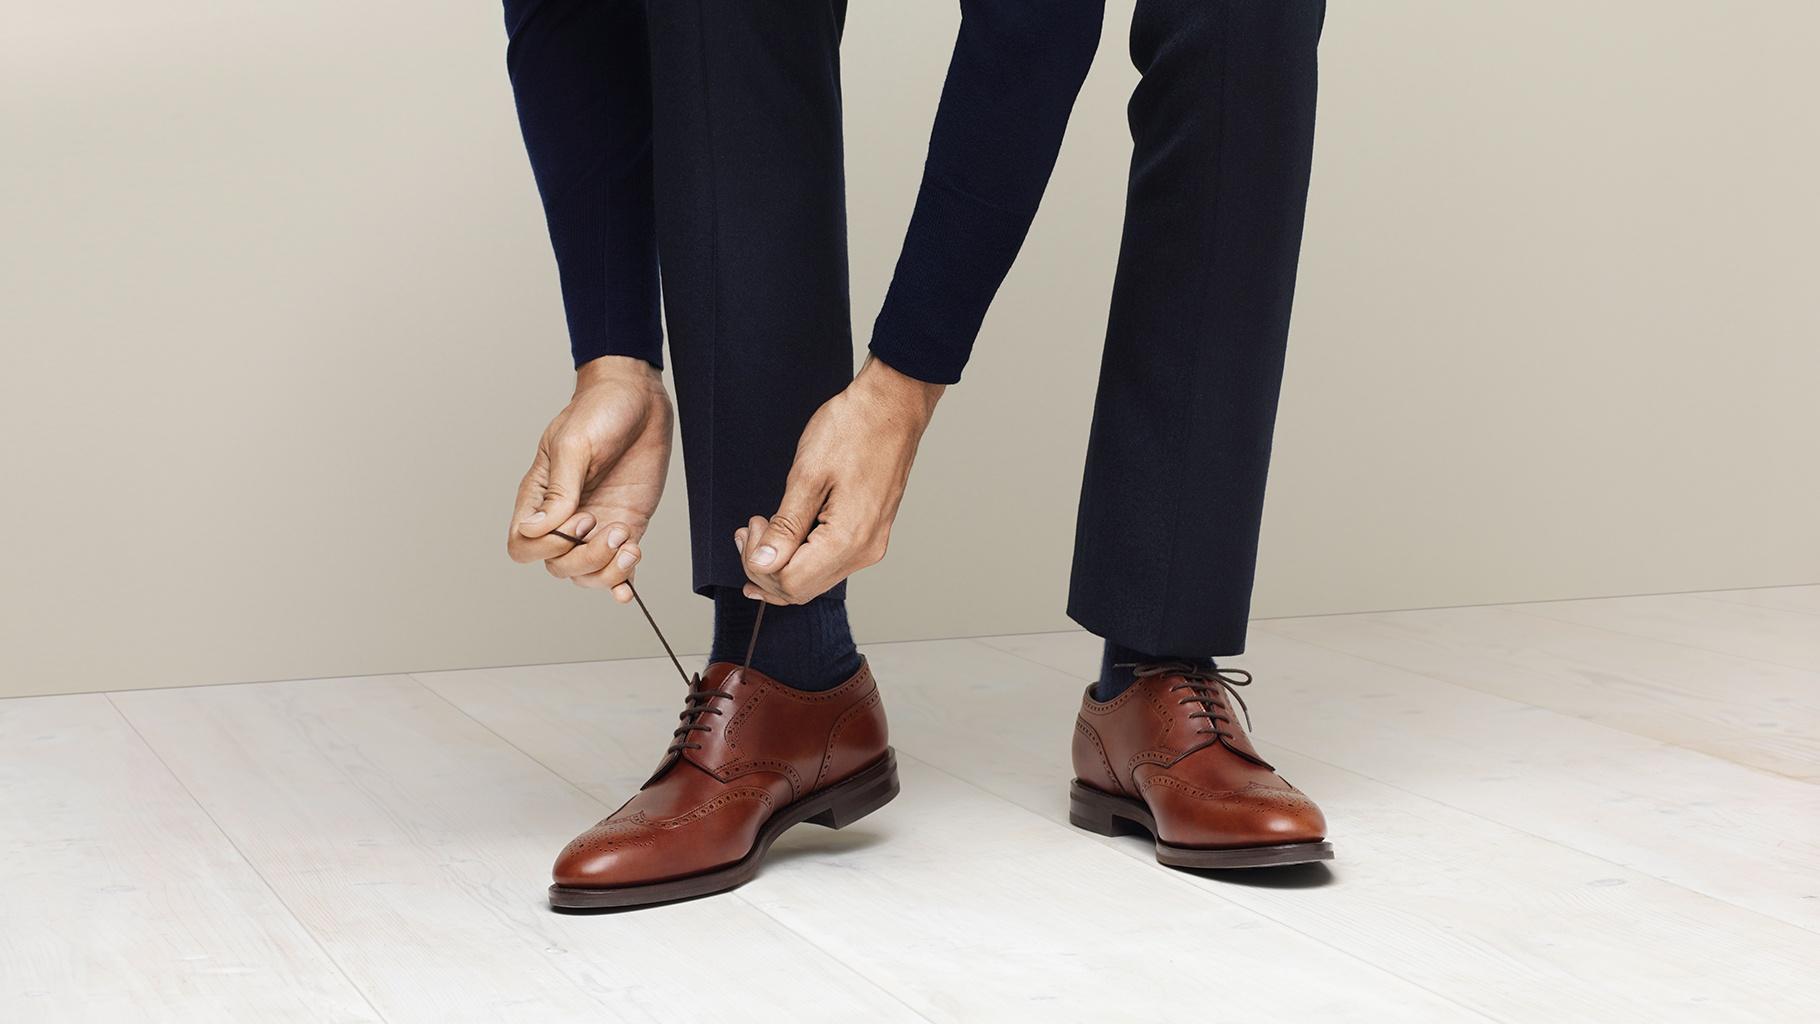 Фото мужчины в туфлях